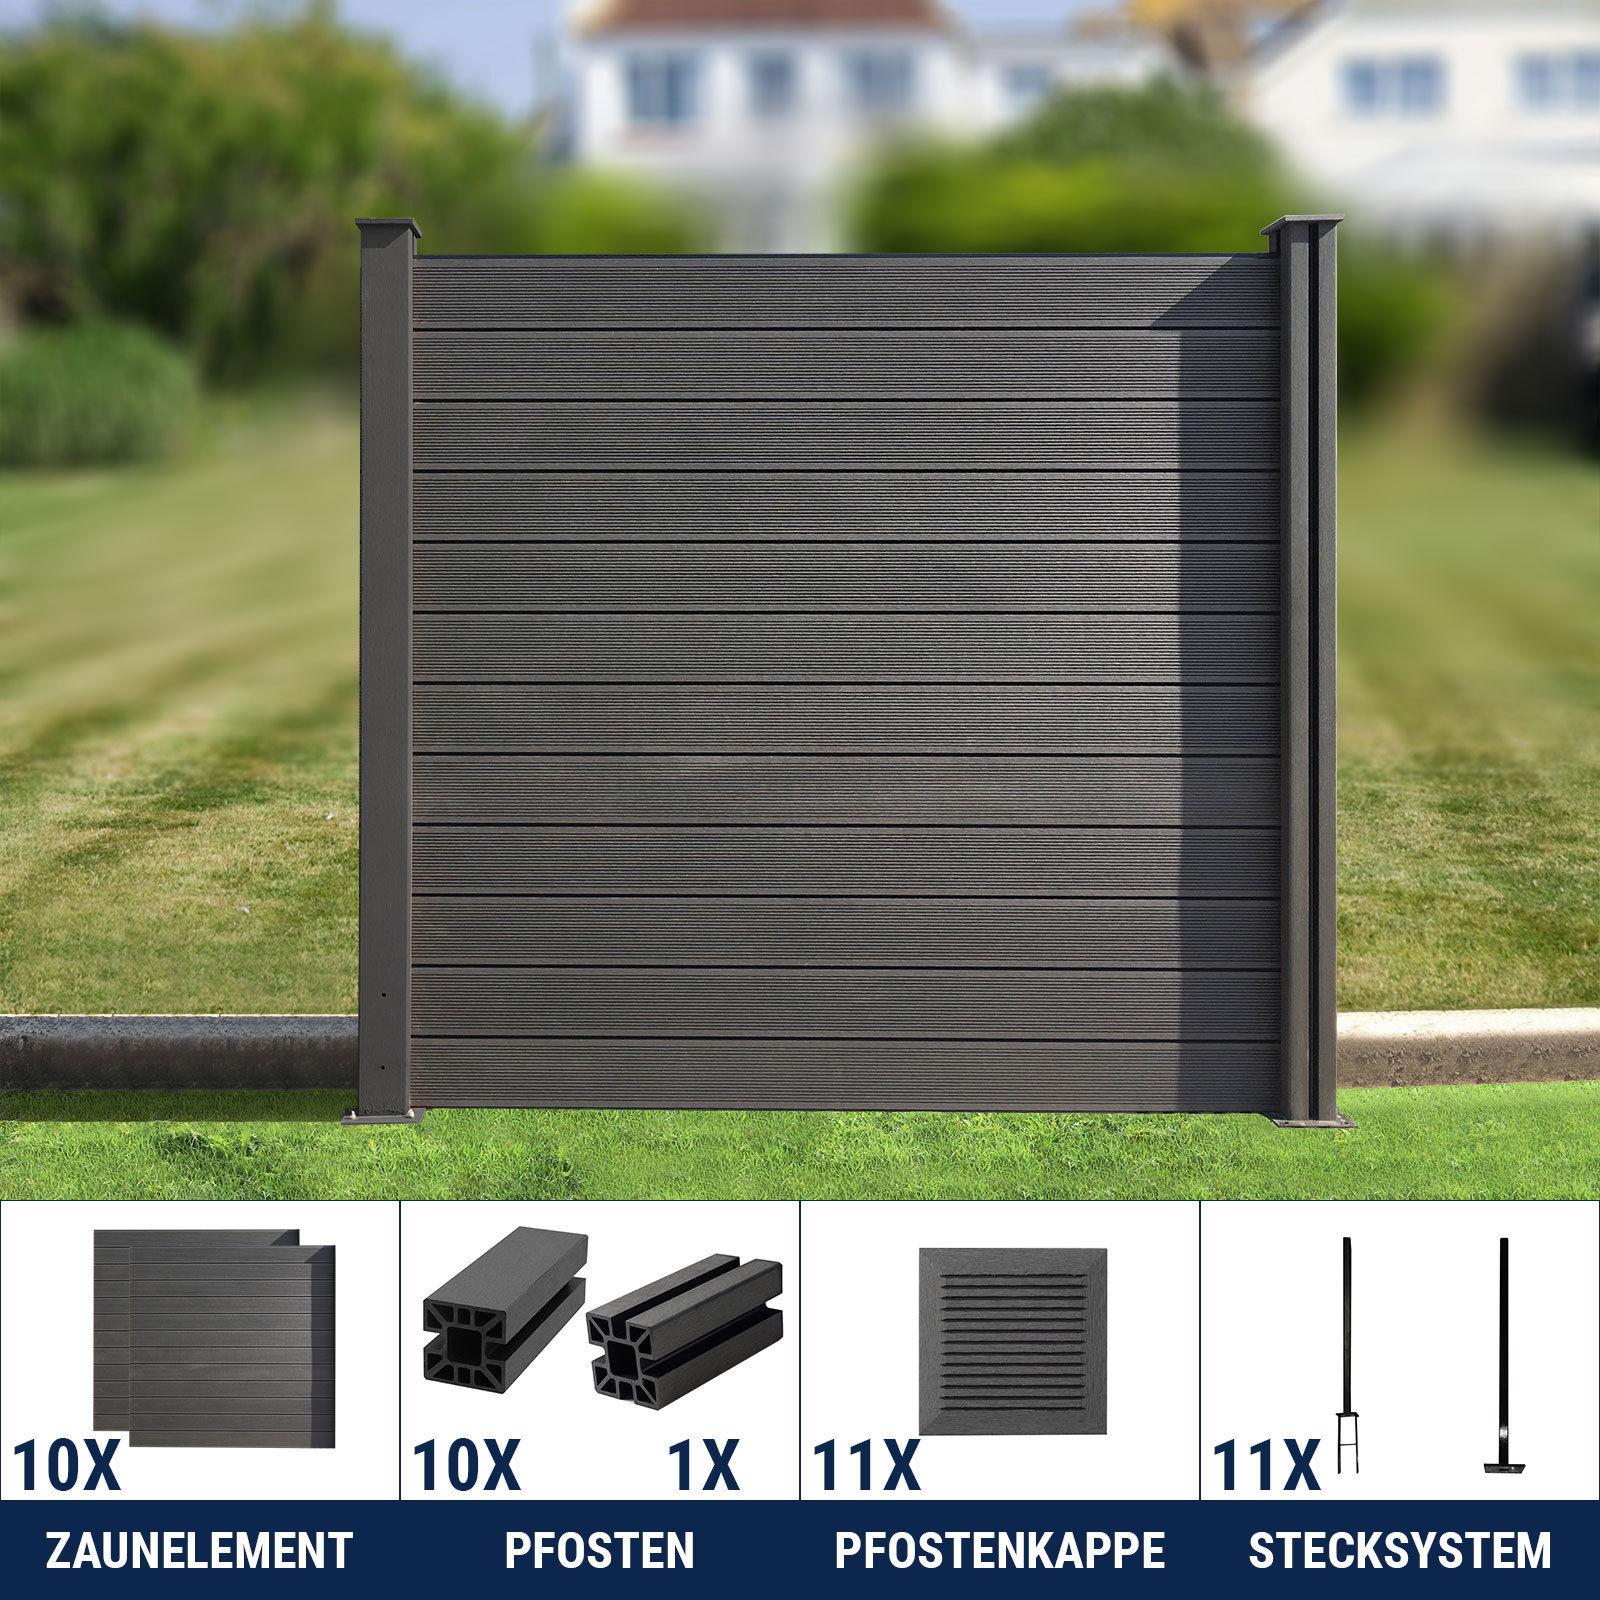 wpc zaun sichtschutzzaun lamellenzaun gartenzaun terrasse grau anthrazit 180 cm ebay. Black Bedroom Furniture Sets. Home Design Ideas